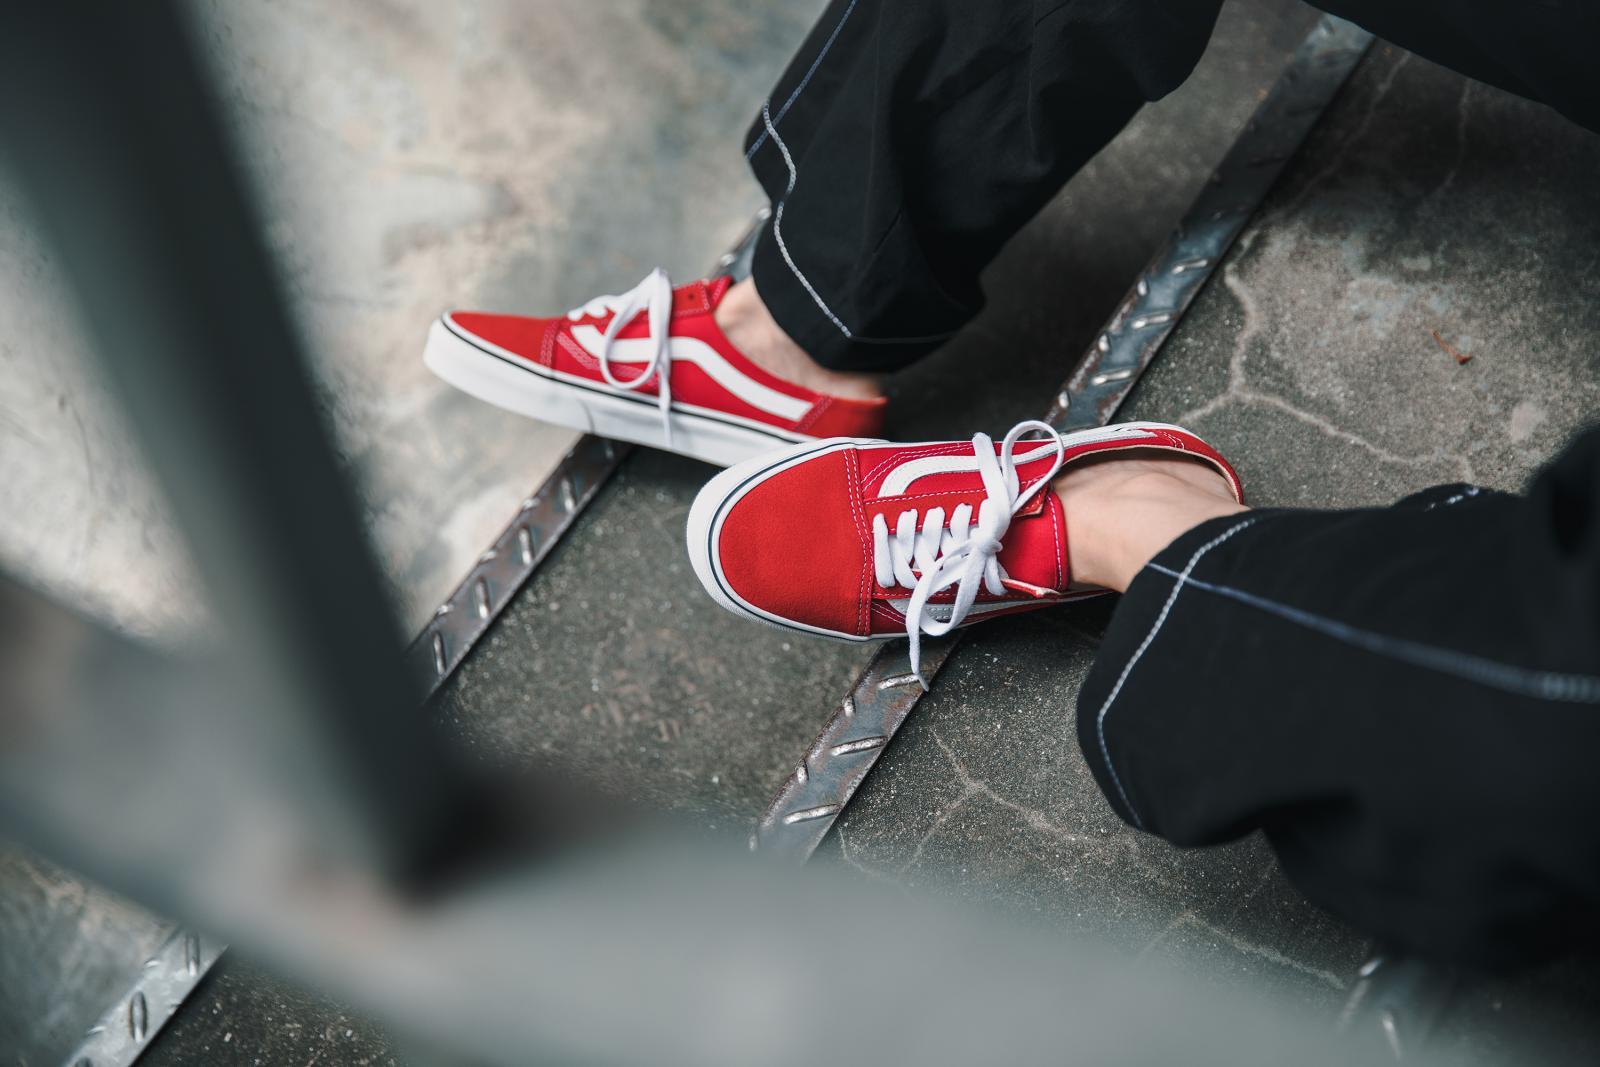 誰說穆勒鞋都走淑女風?跟著網紅方柒柒這樣穿,輕鬆駕馭 VANS 穆勒鞋-2